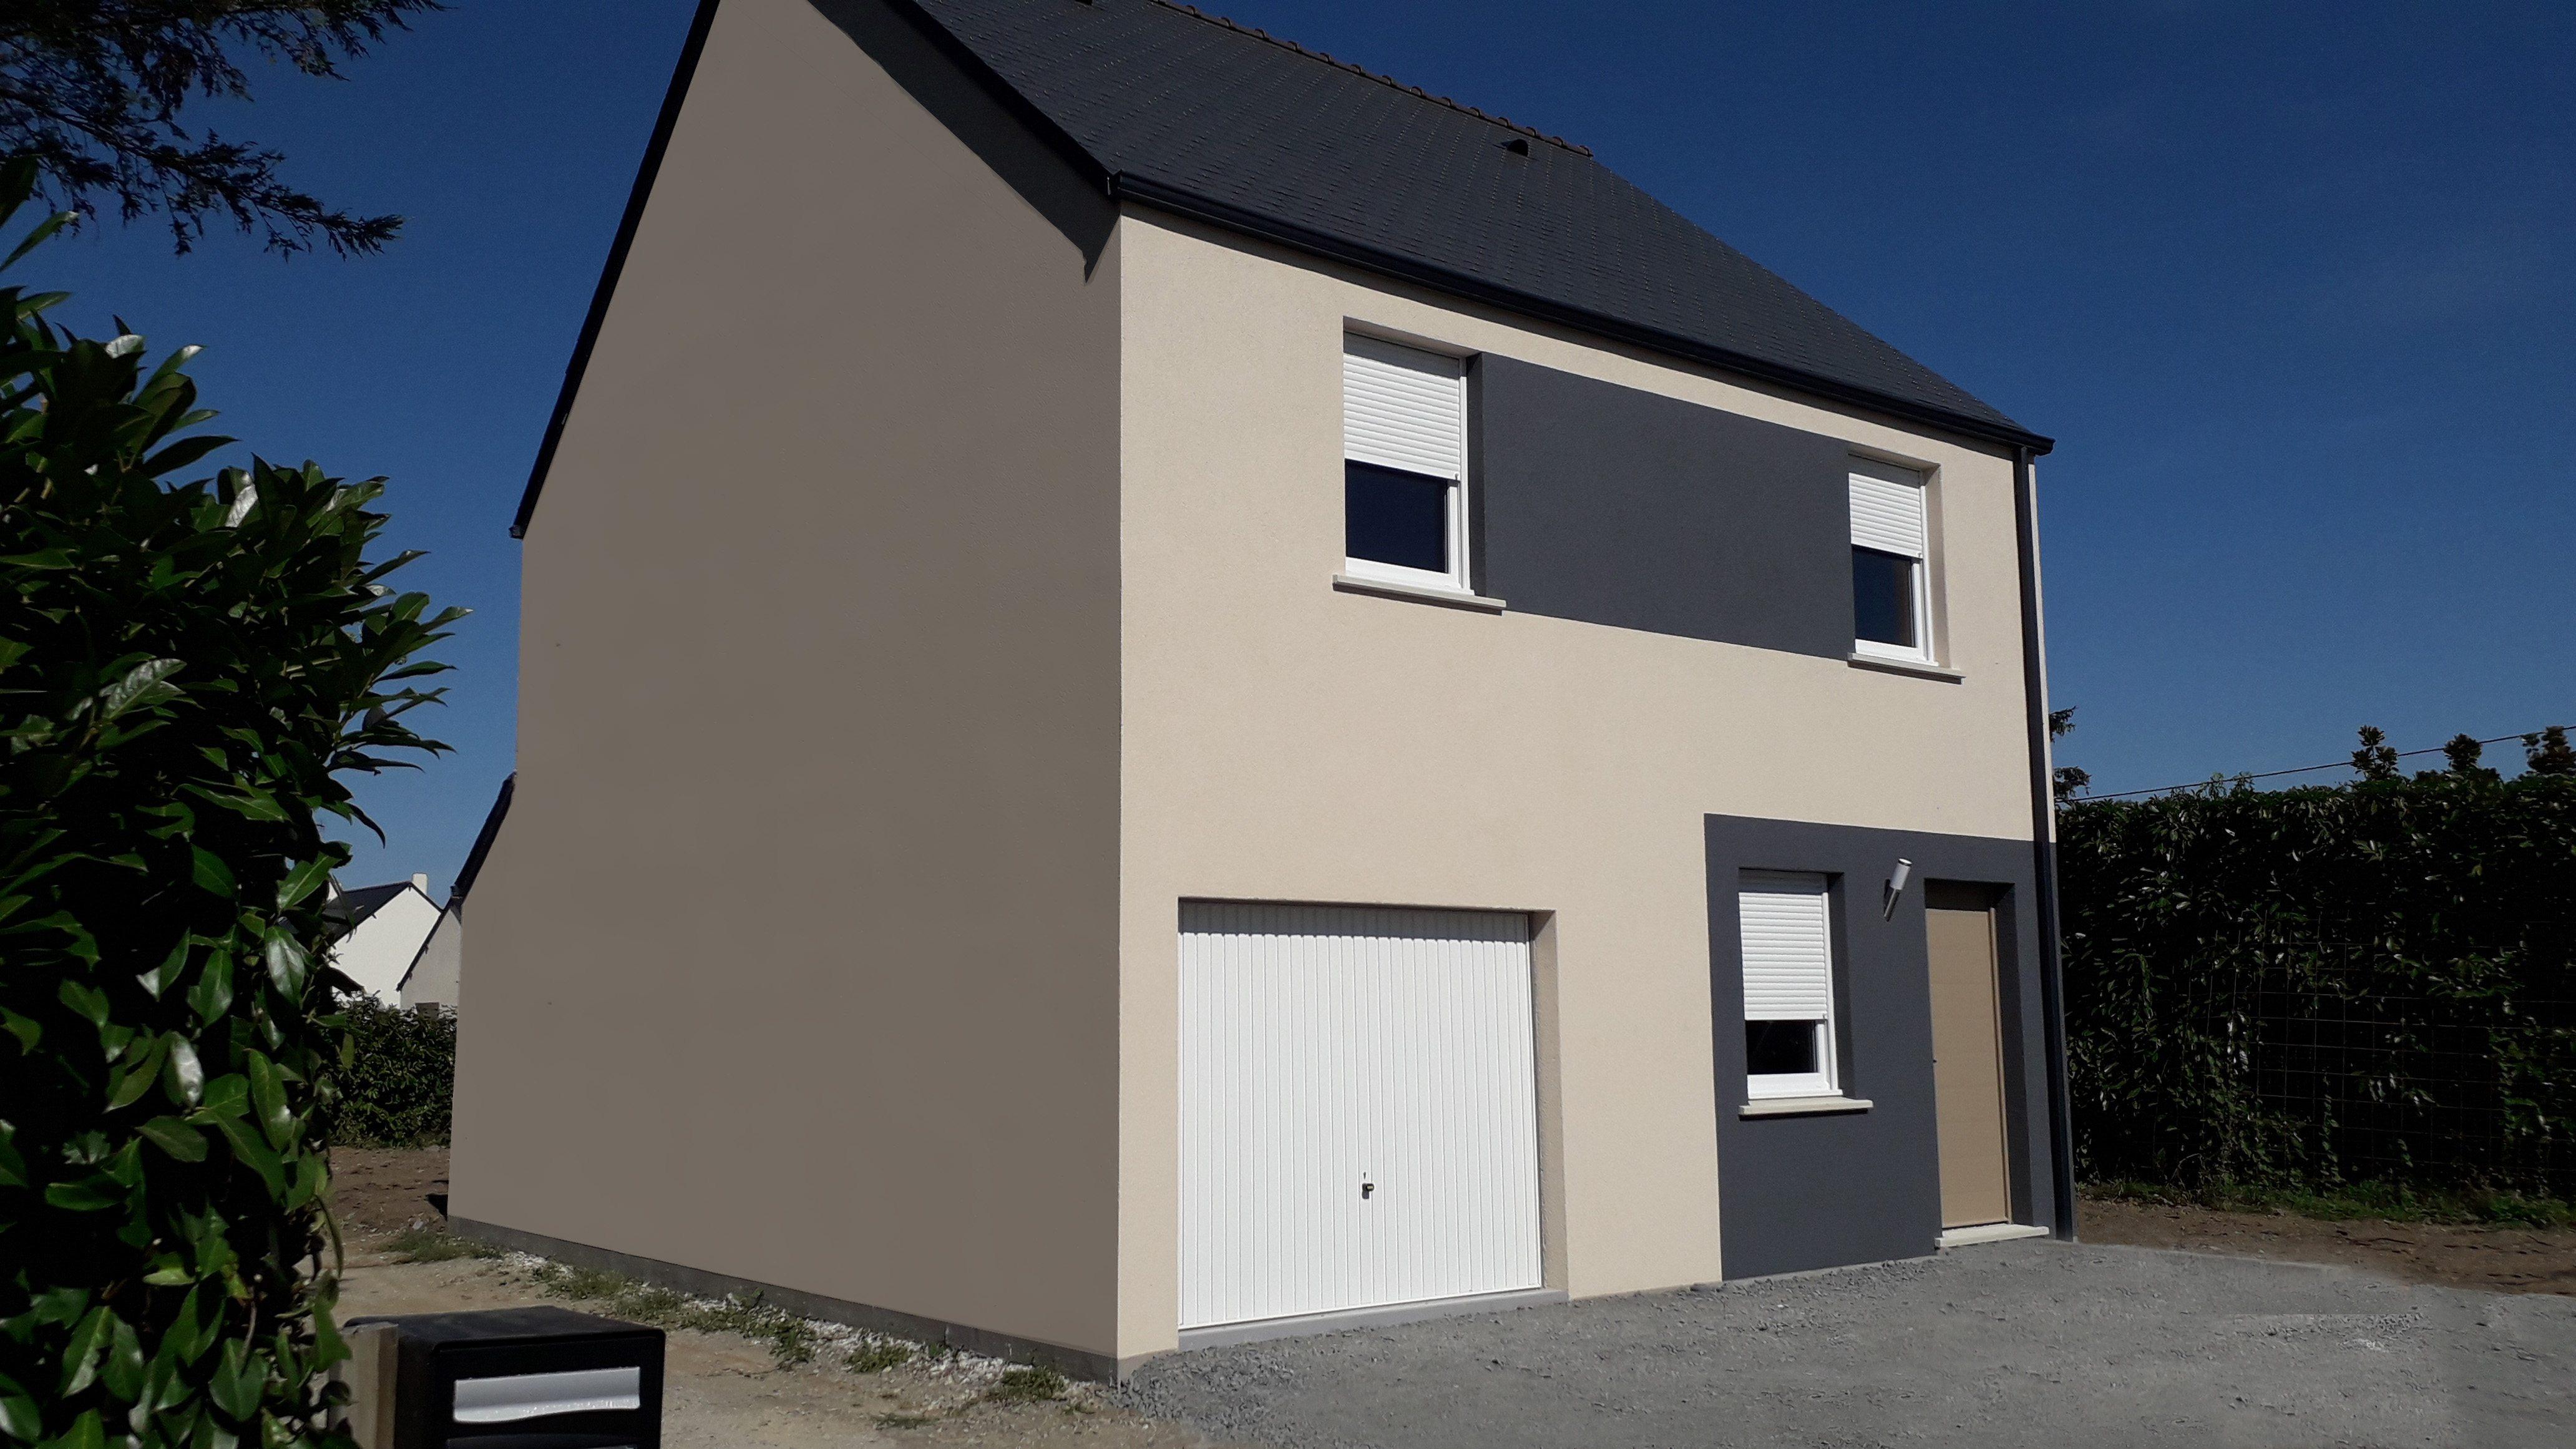 Maisons + Terrains du constructeur Maisons Phénix Le Mans • 101 m² • BALLON